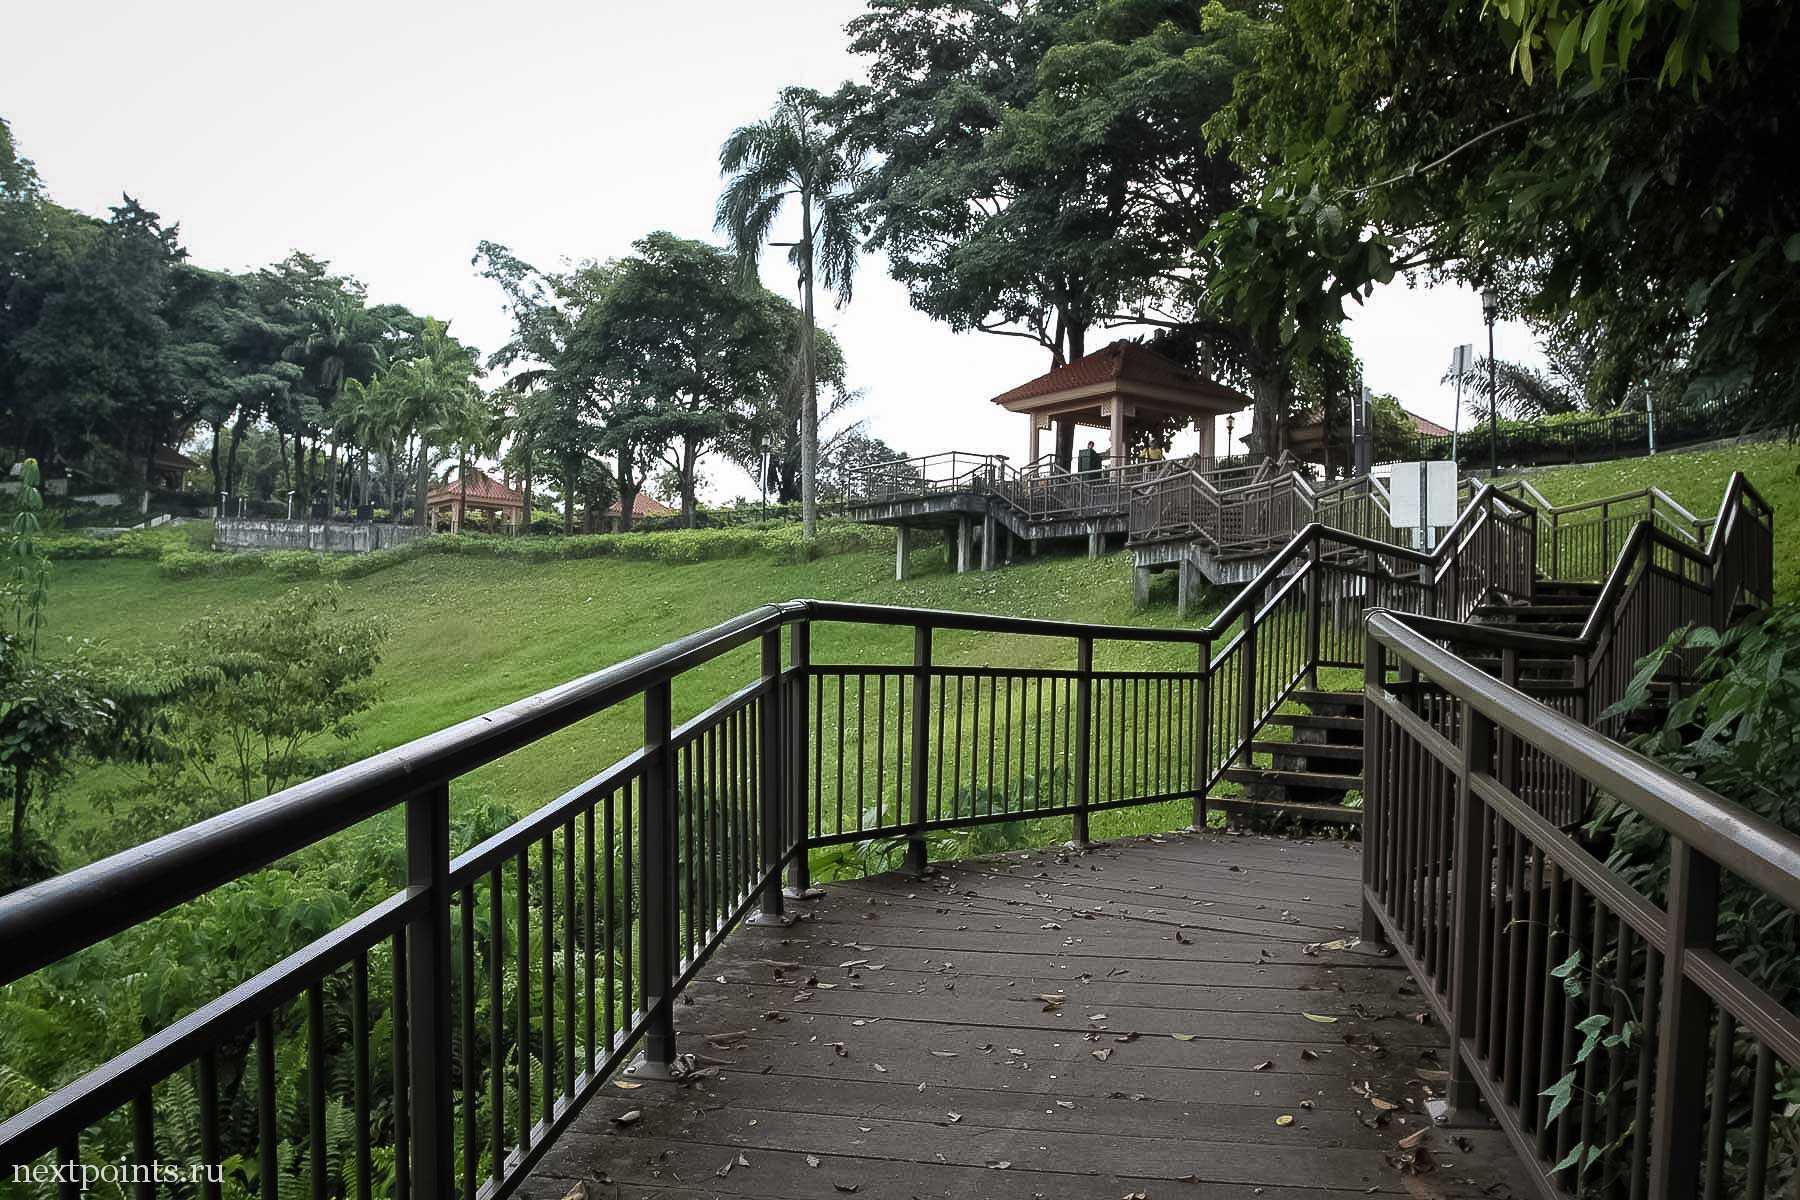 Забравшись по главной длинной лестнице нужно будет повернуть налево и идти по дороге до тупика к станции фуникулера на остров Сентозу.